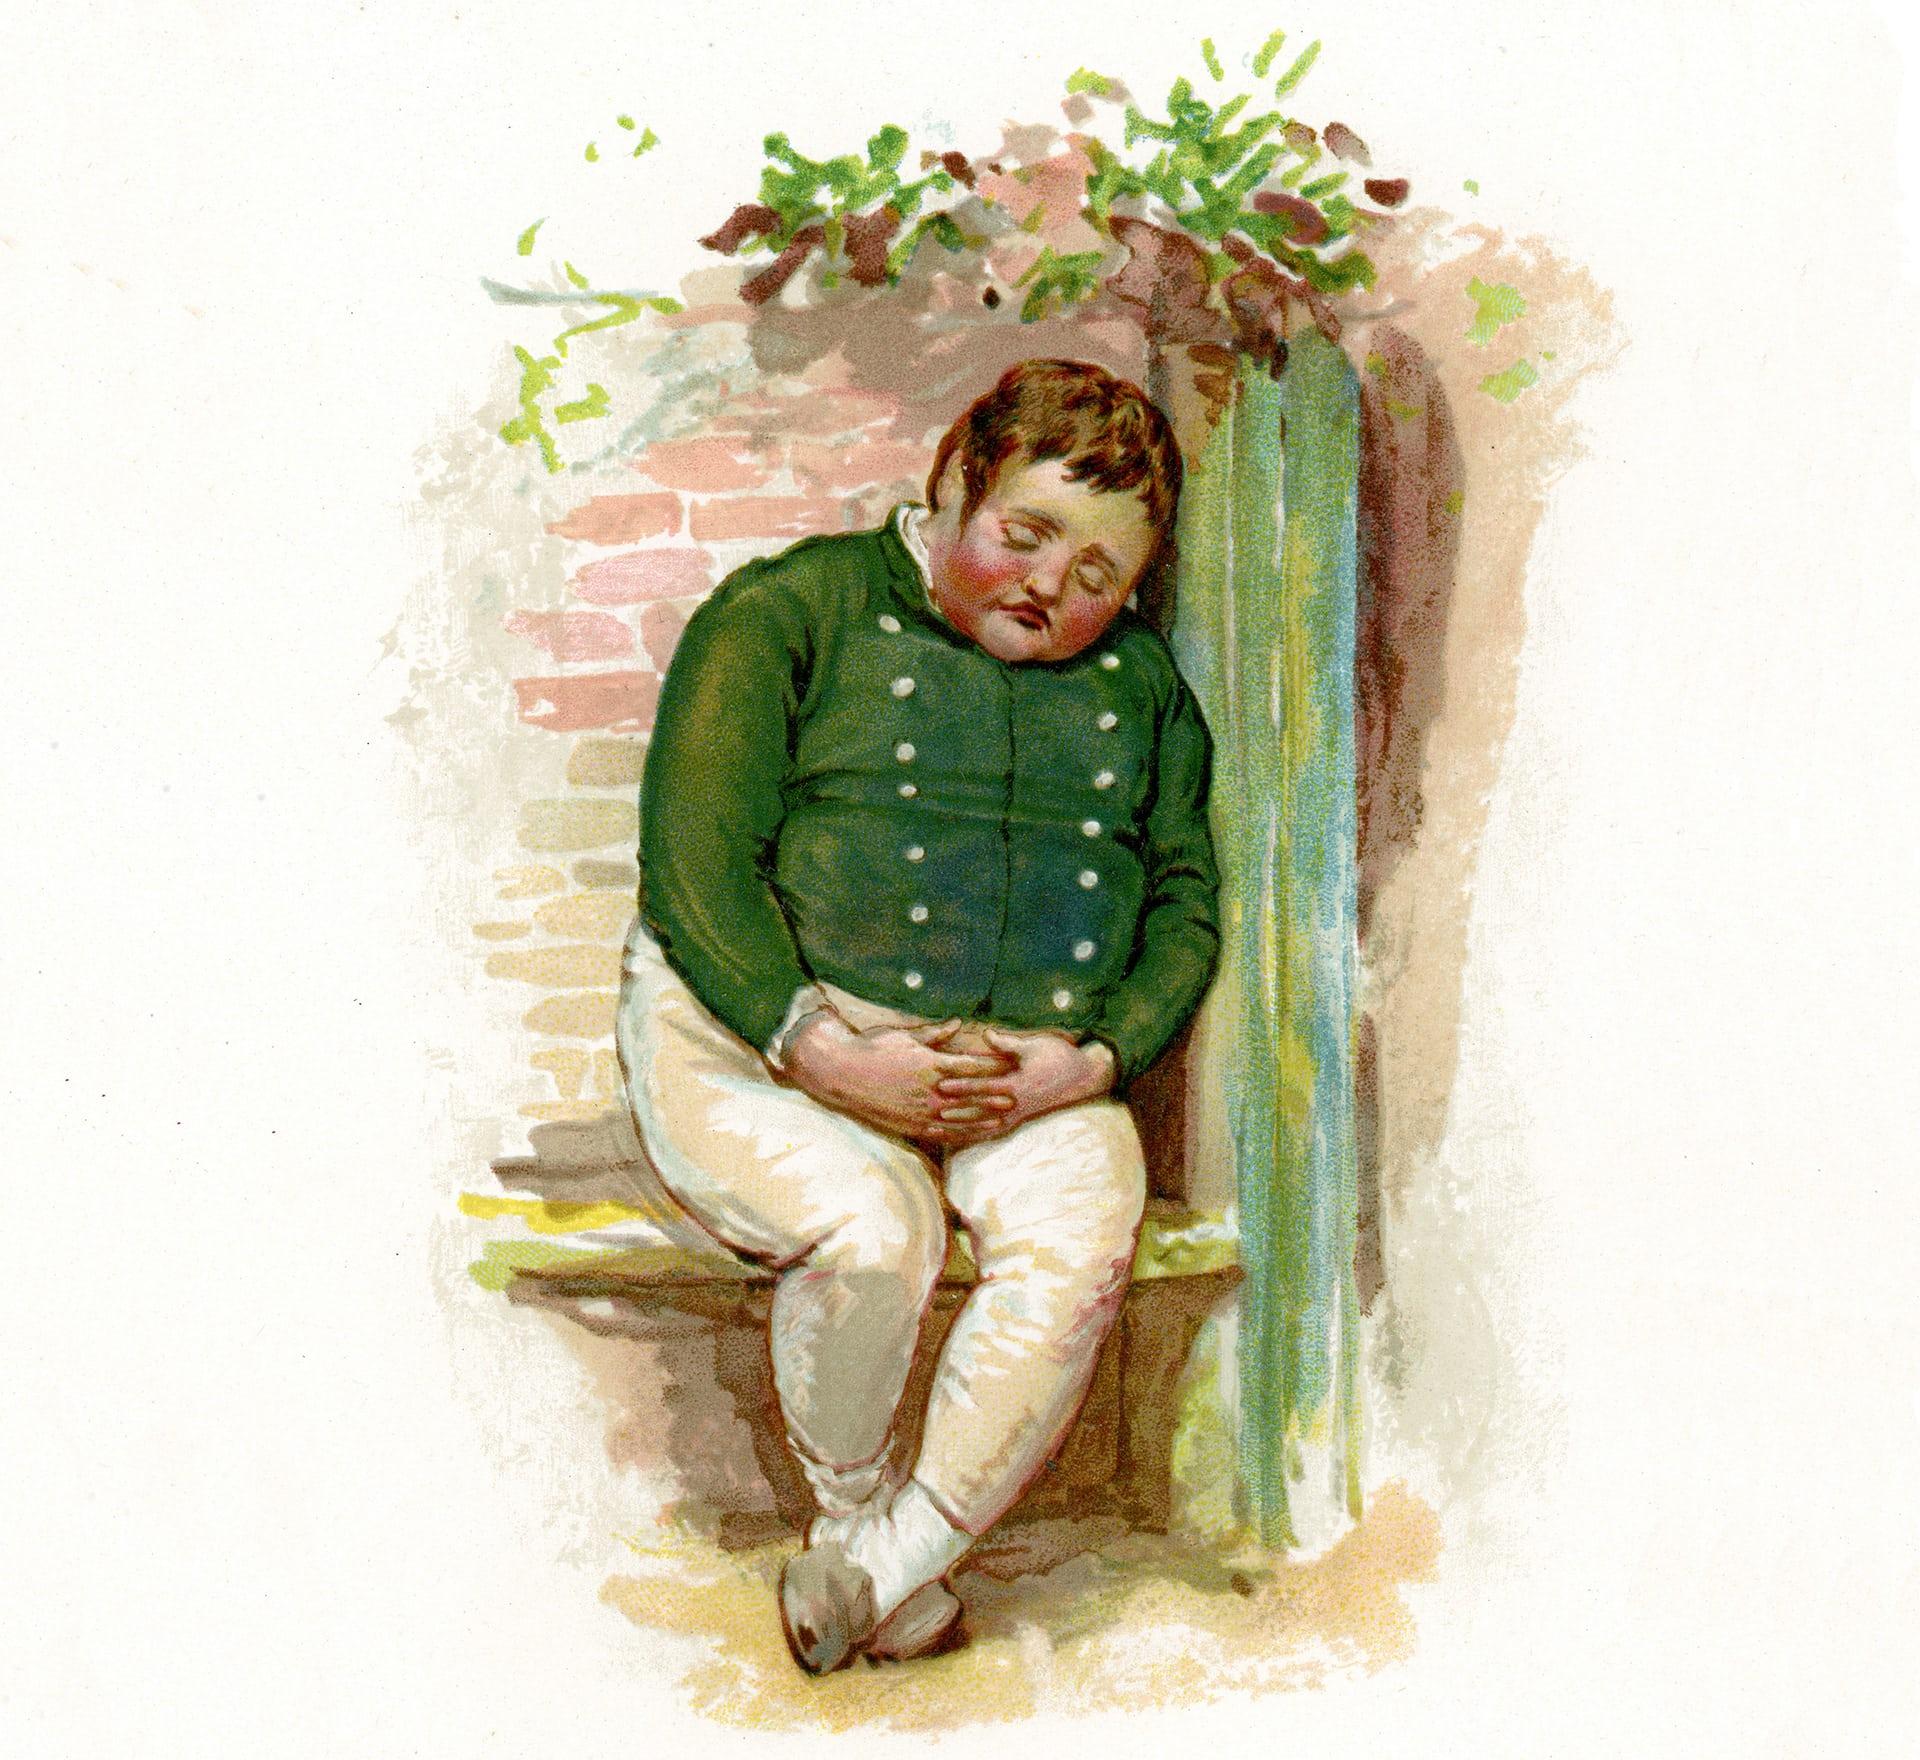 """Chứng thở chậm do béo phì, ban đầu được gọi là Triệu chứng Pickwick vì giống hệt với những mô tả của Charles Dickens về cậu bé Joe """"béo"""" trong tác phẩm Pickwick Papers. Ảnh: Alamy"""